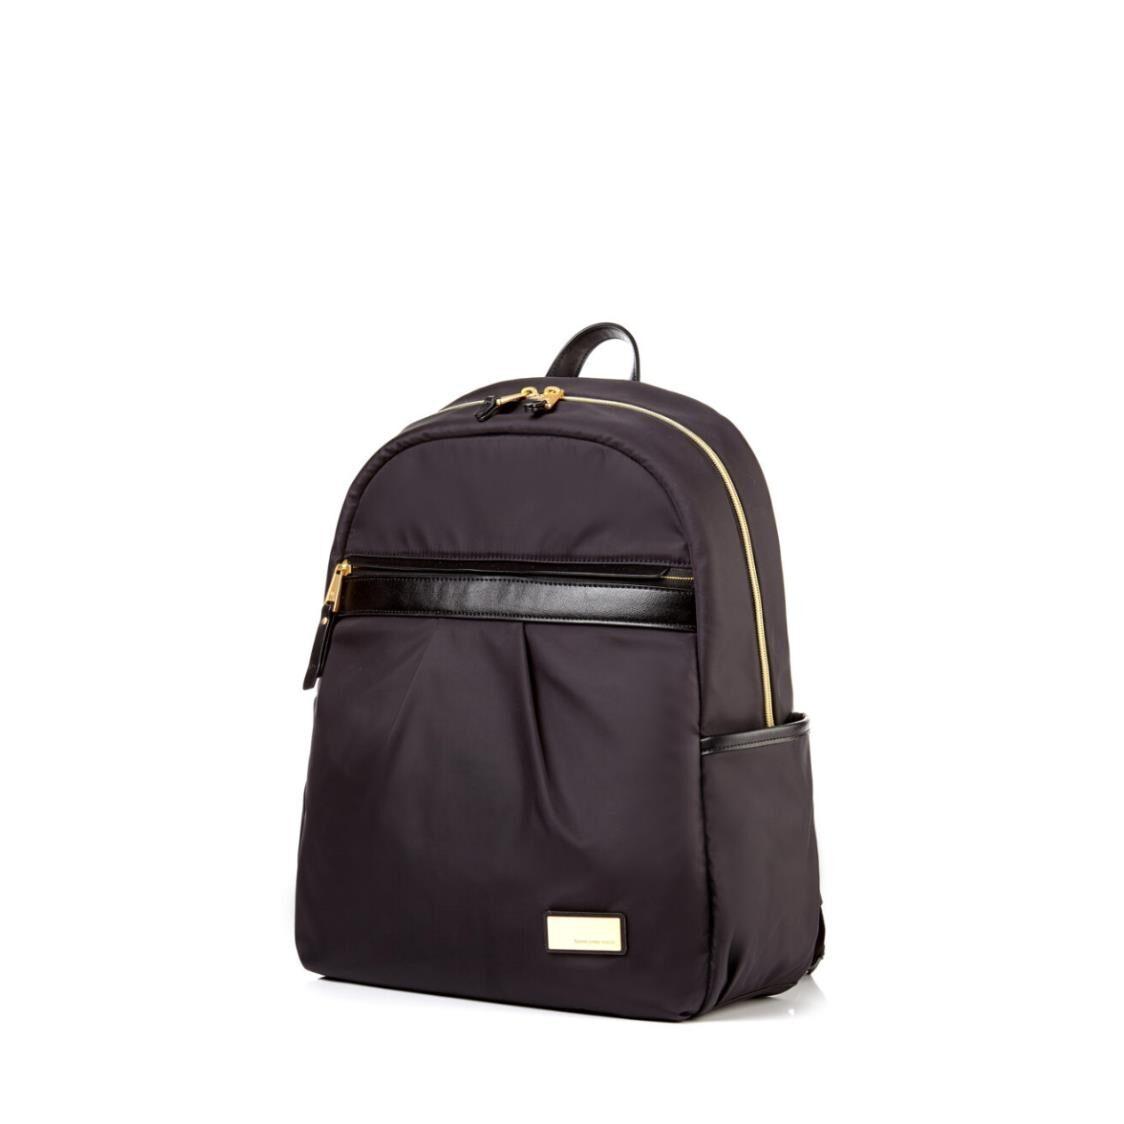 Samsonite Red Etell Backpack HS509001